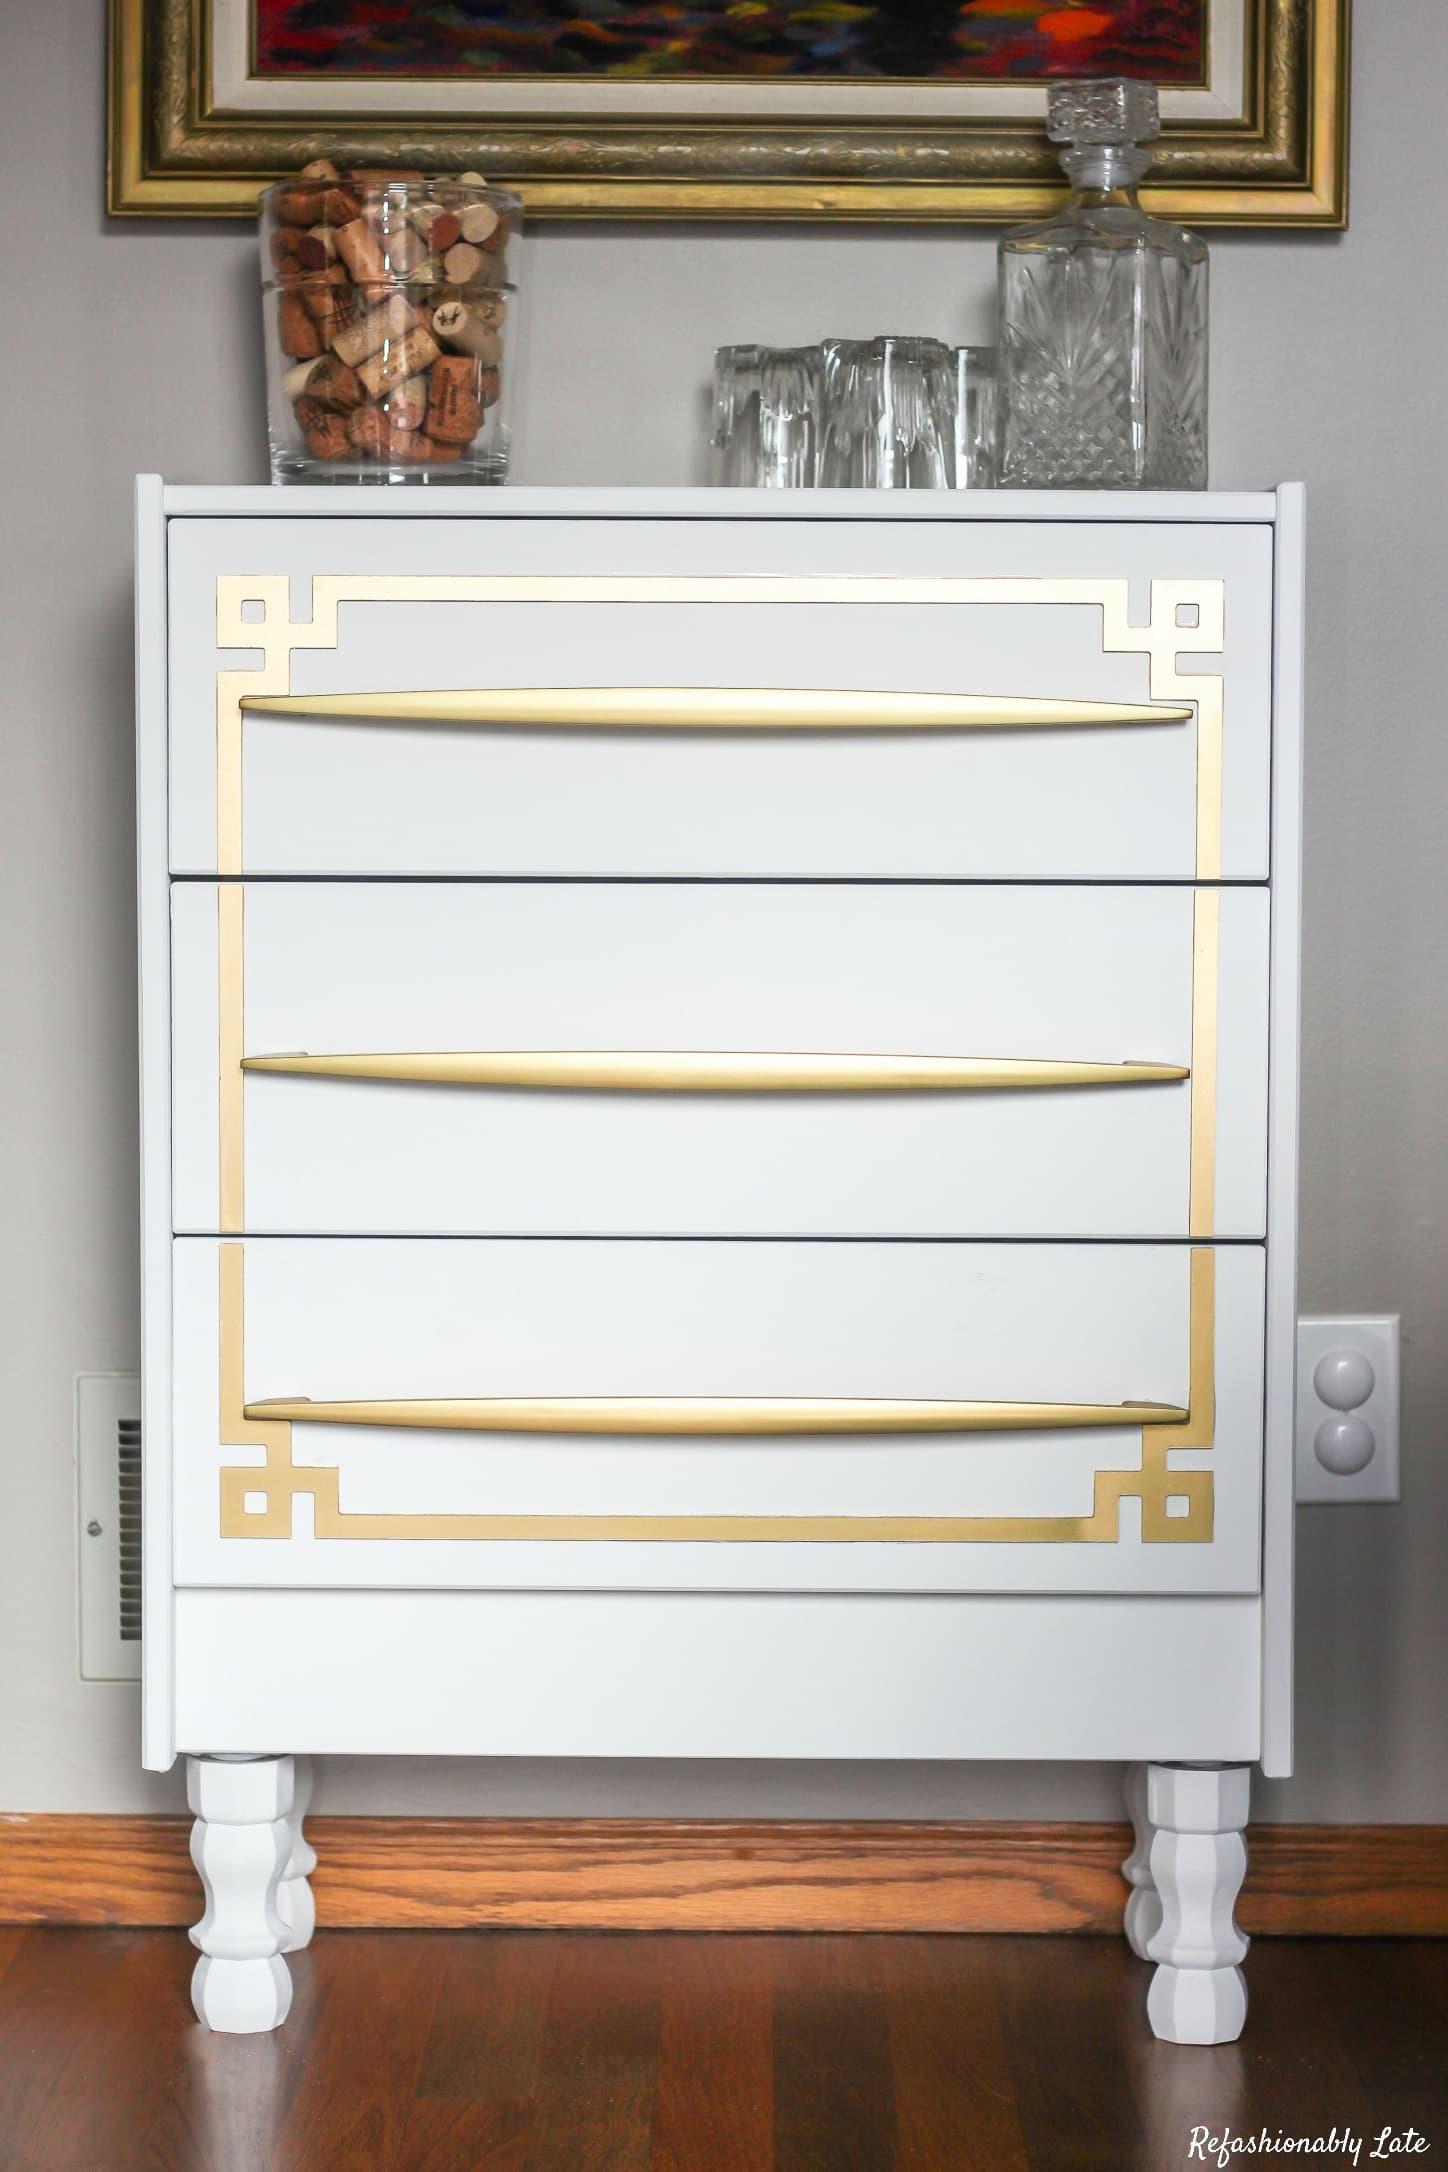 IKEA Rast - 17